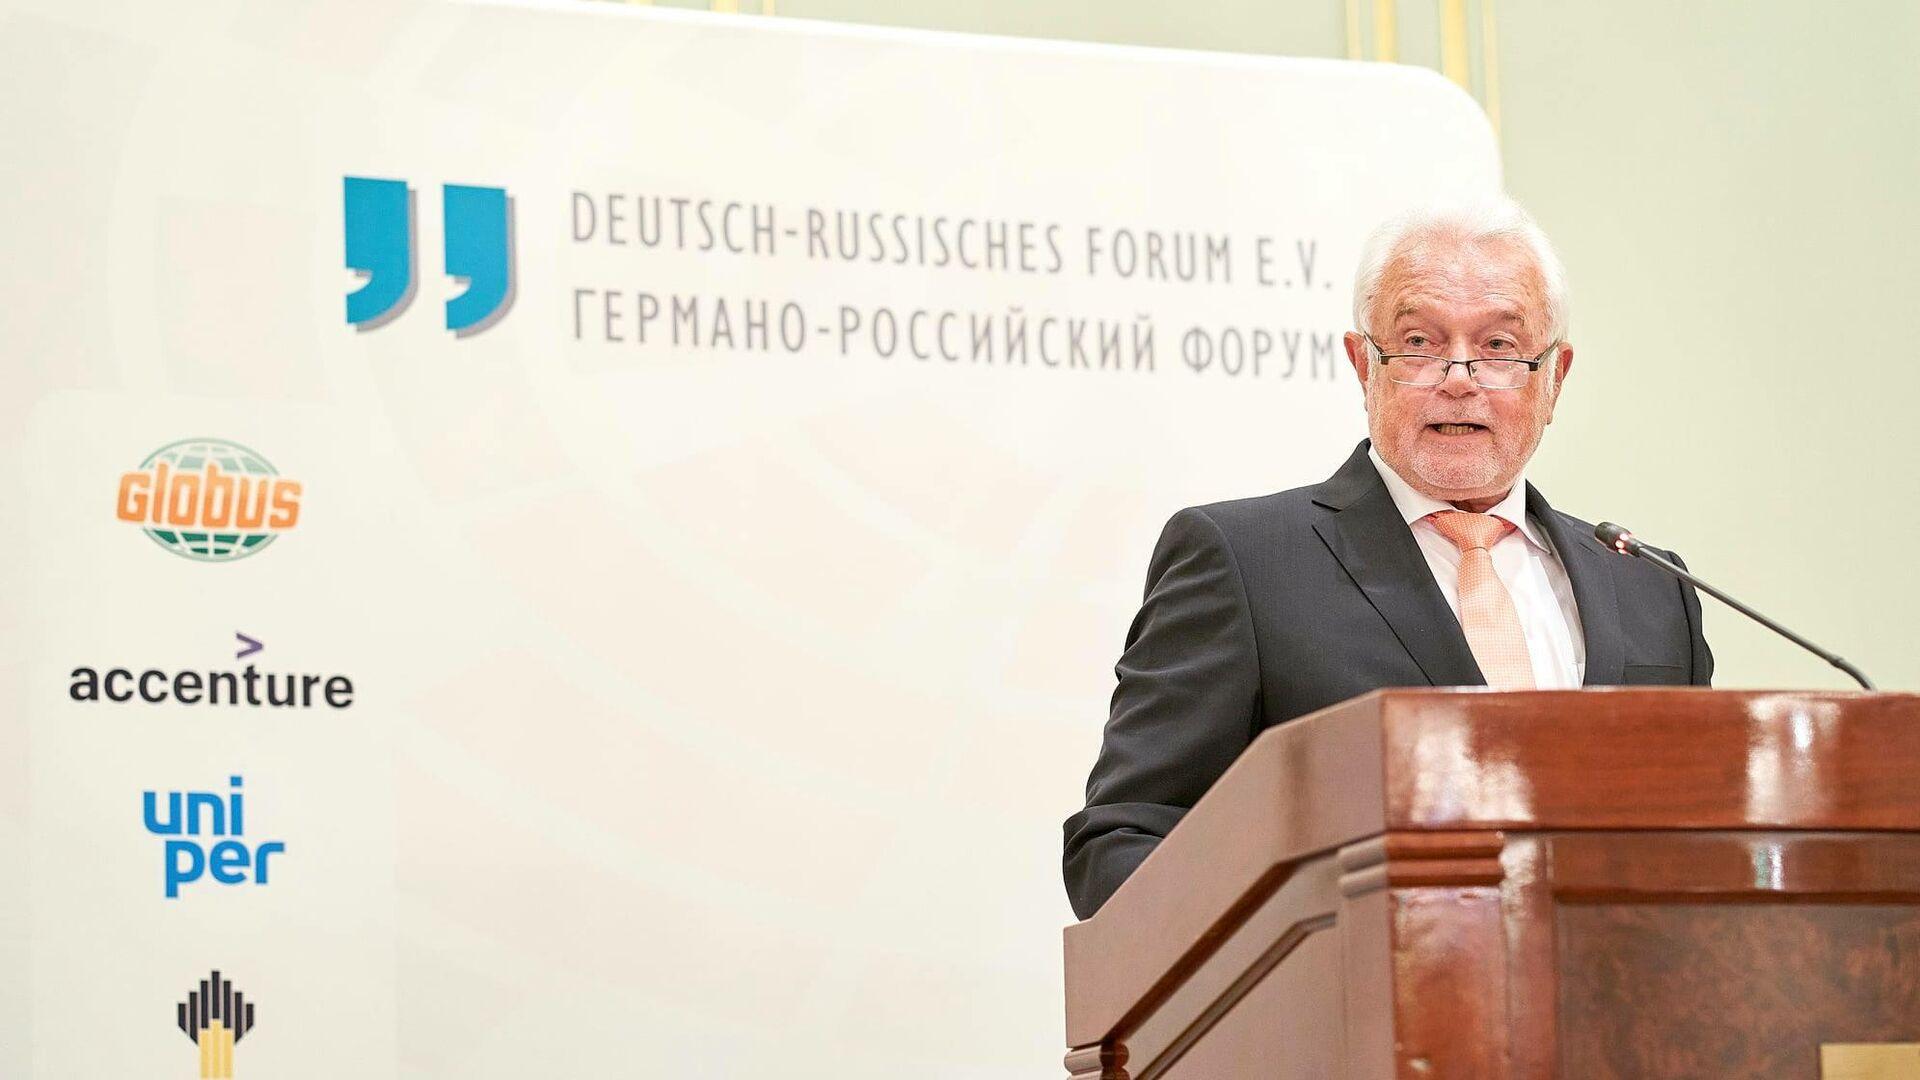 Vizepräsident des Deutschen Bundestages Wolfgang Kubicki tritt auf der Festveranstaltung des Deutsch-Russsischen Forums in Berlin auf, den 12. Oktober 2021. - SNA, 1920, 13.10.2021